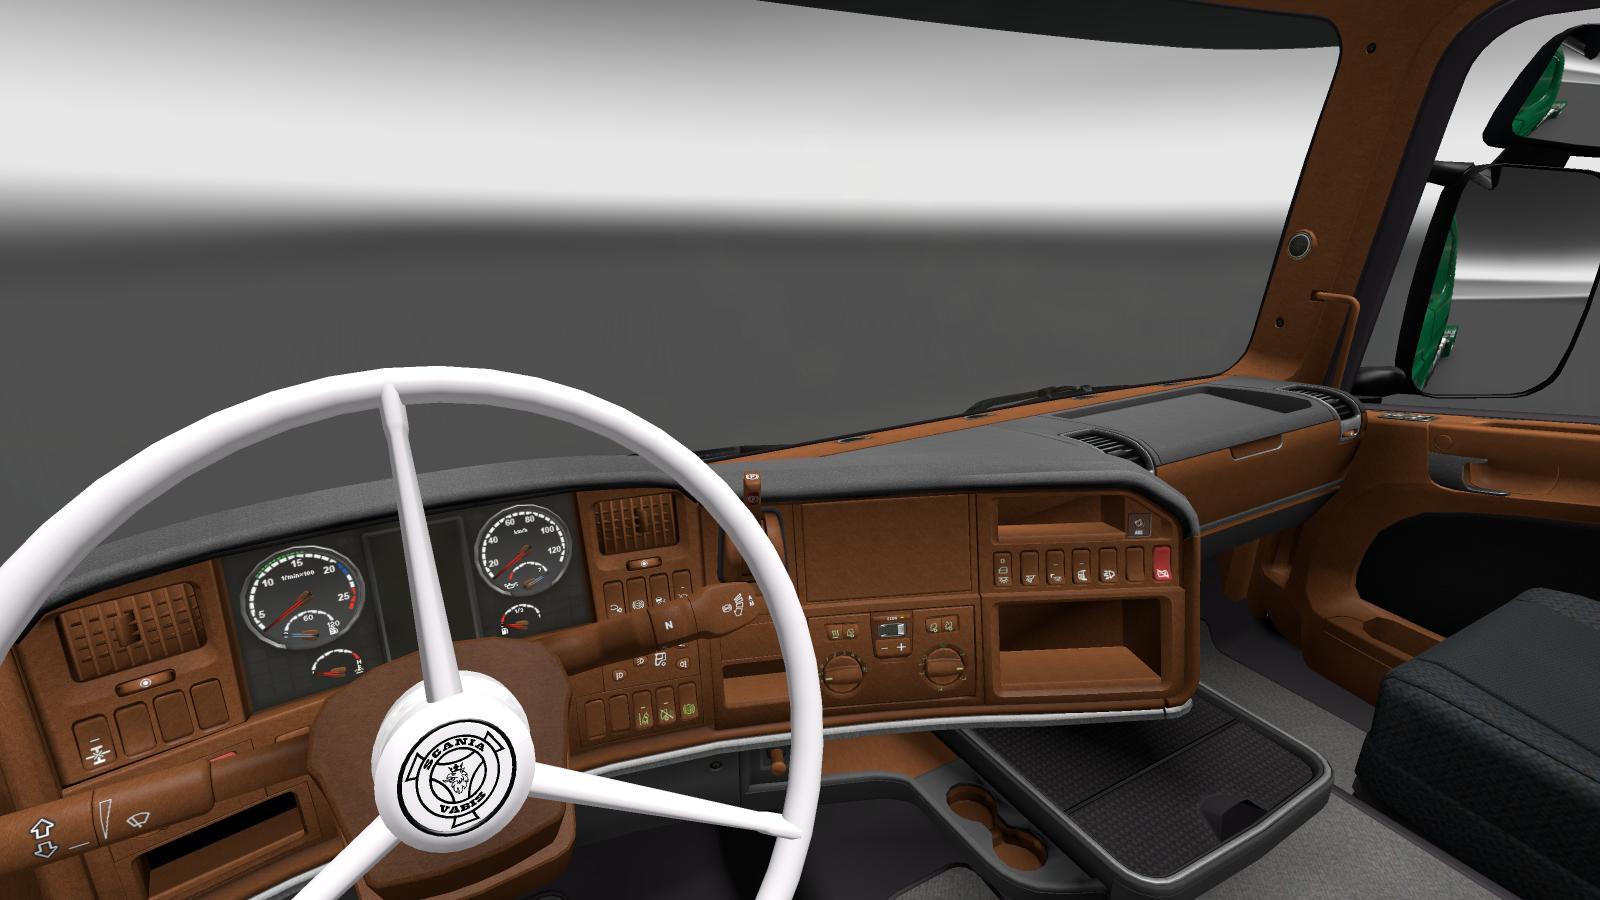 Scania T Rjl Schubert Ets  Mods Euro Truck Simulator  Mods Etsmods Lt